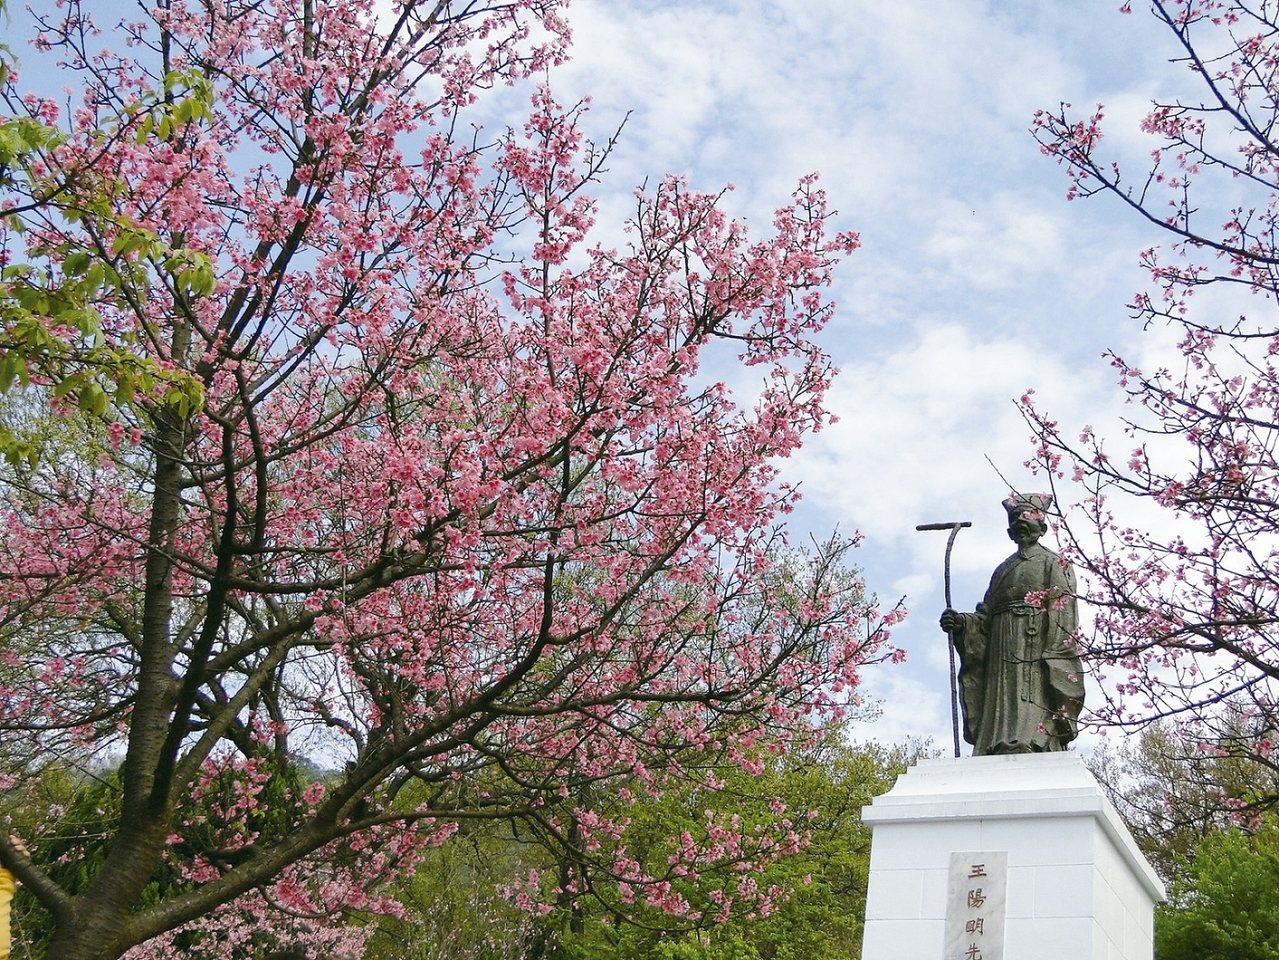 粉紅浪漫的櫻花是陽明山花季的一大亮點。 圖/台北市工務局公園路燈工程管理處提供